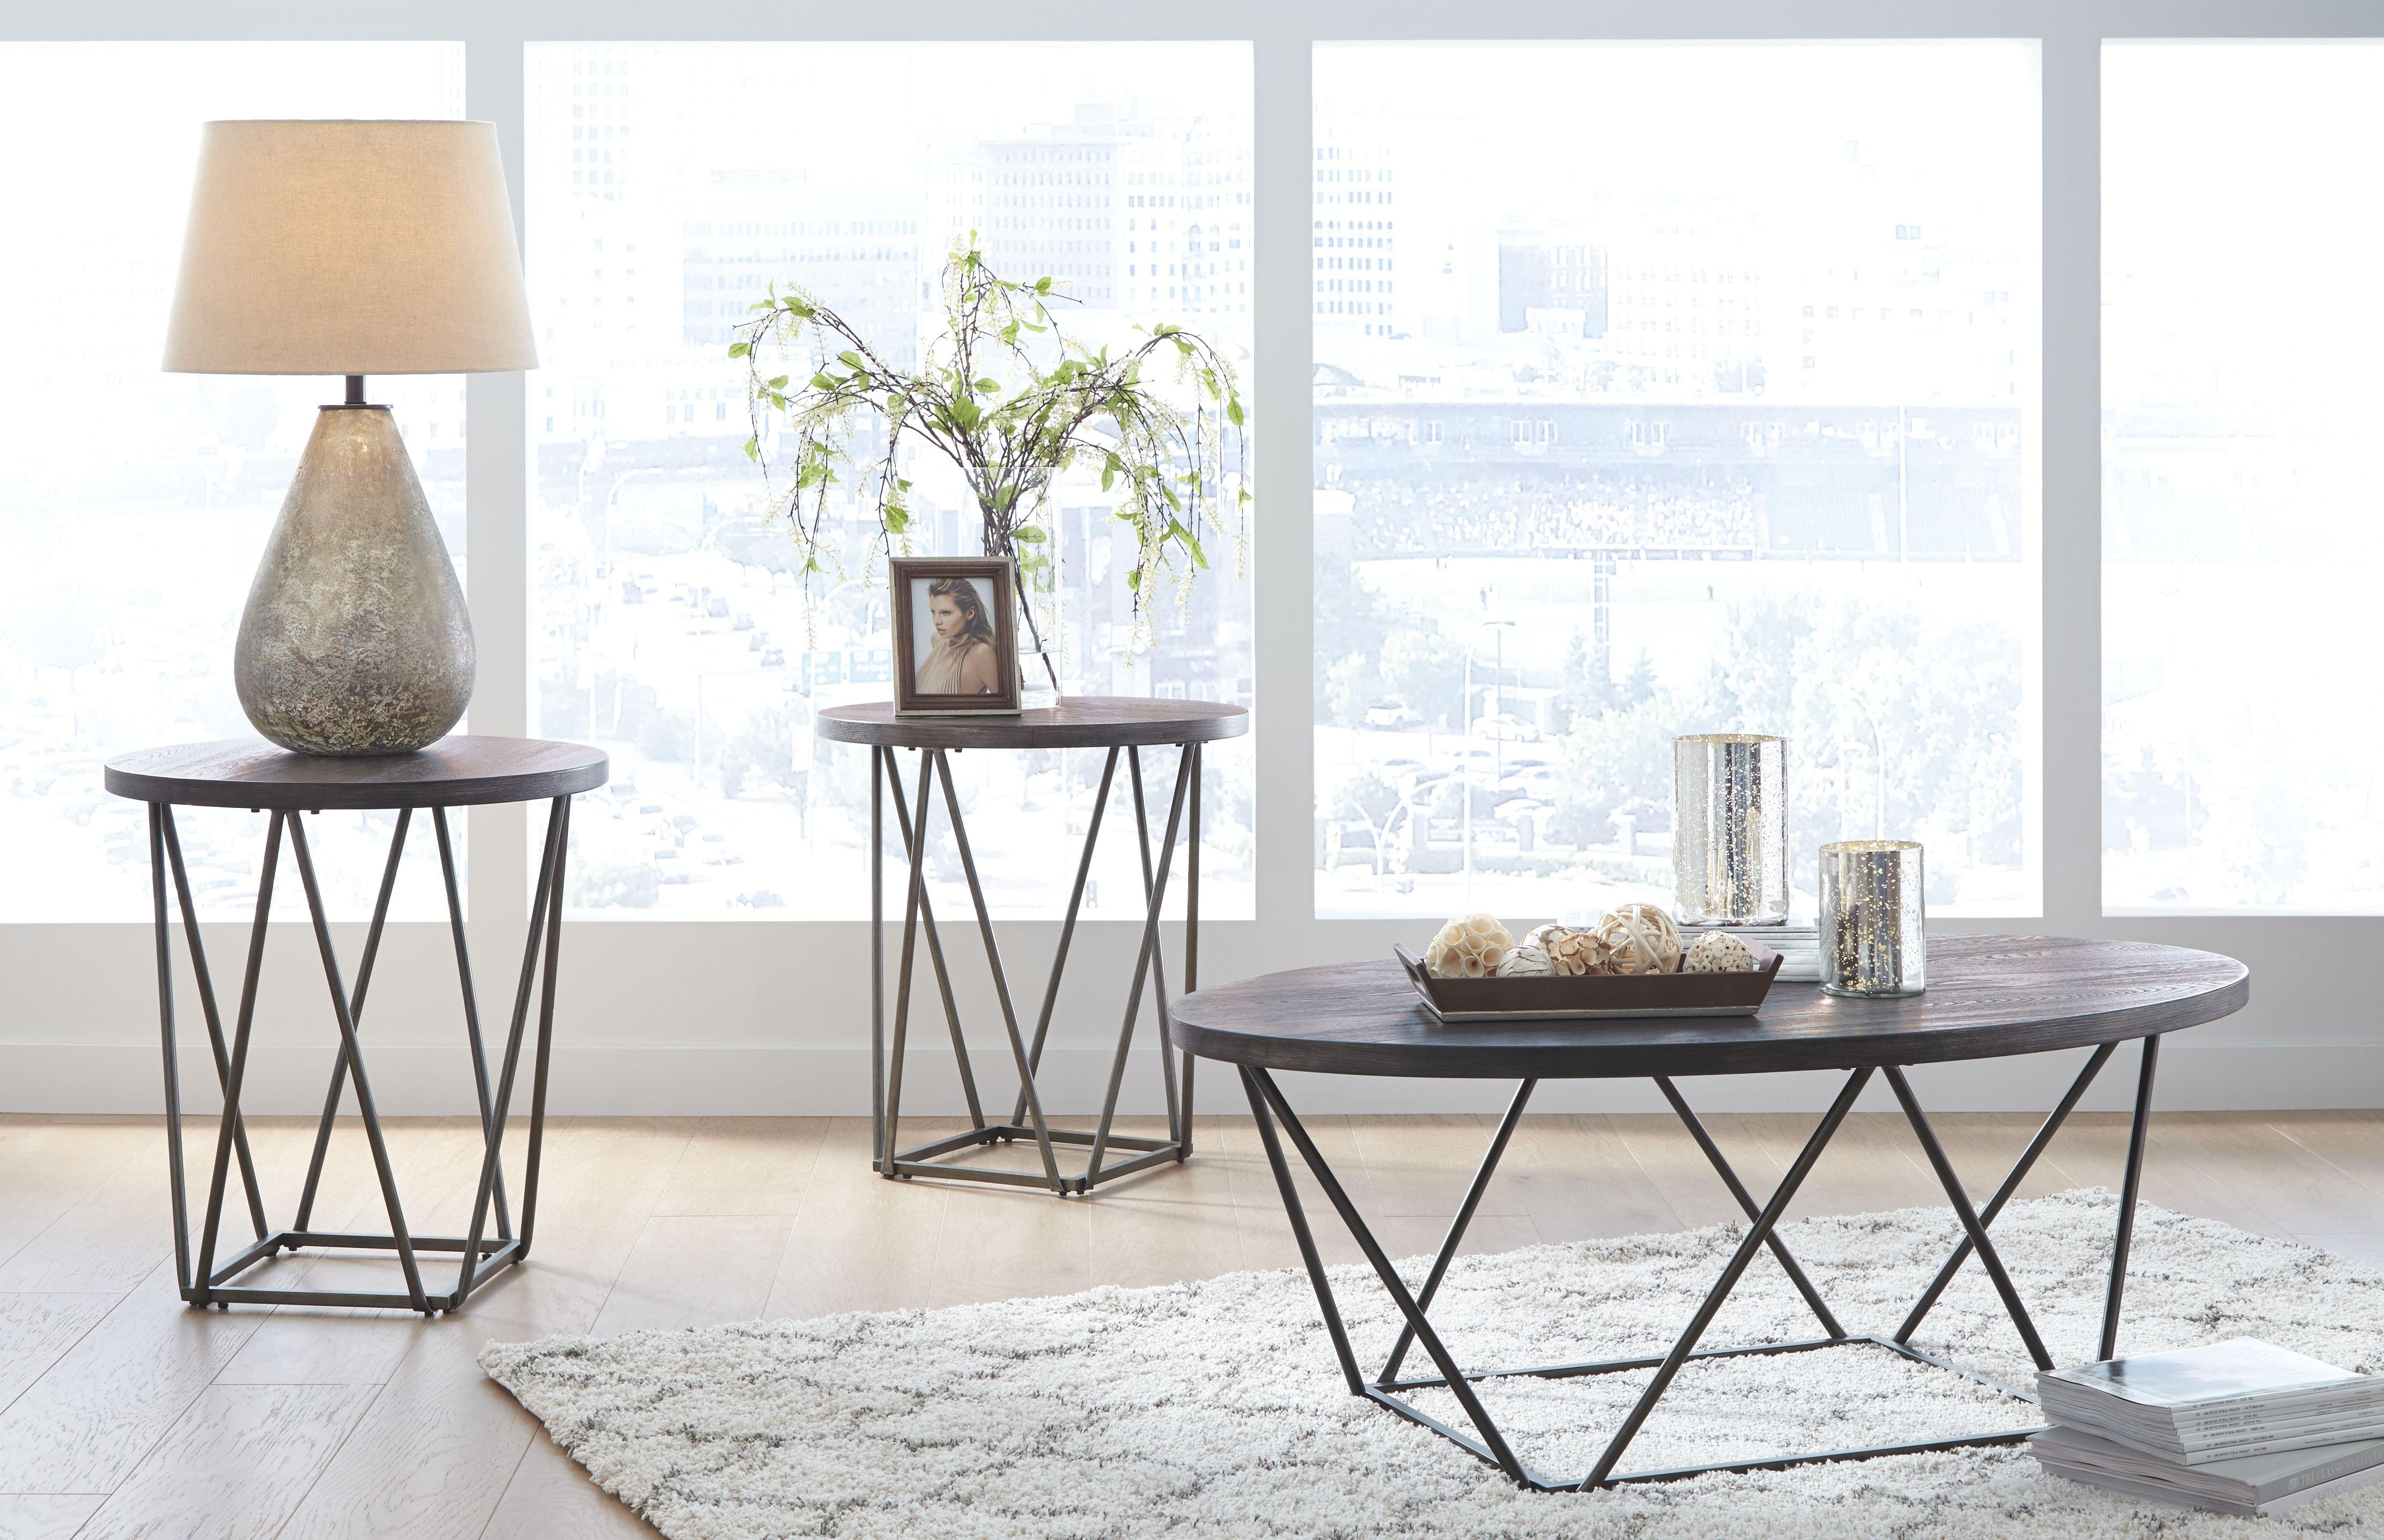 Neimhurst Table Set Of 3 Dark Brown In 2020 Living Room Table Sets 3 Piece Coffee Table Set Coffee Table Setting